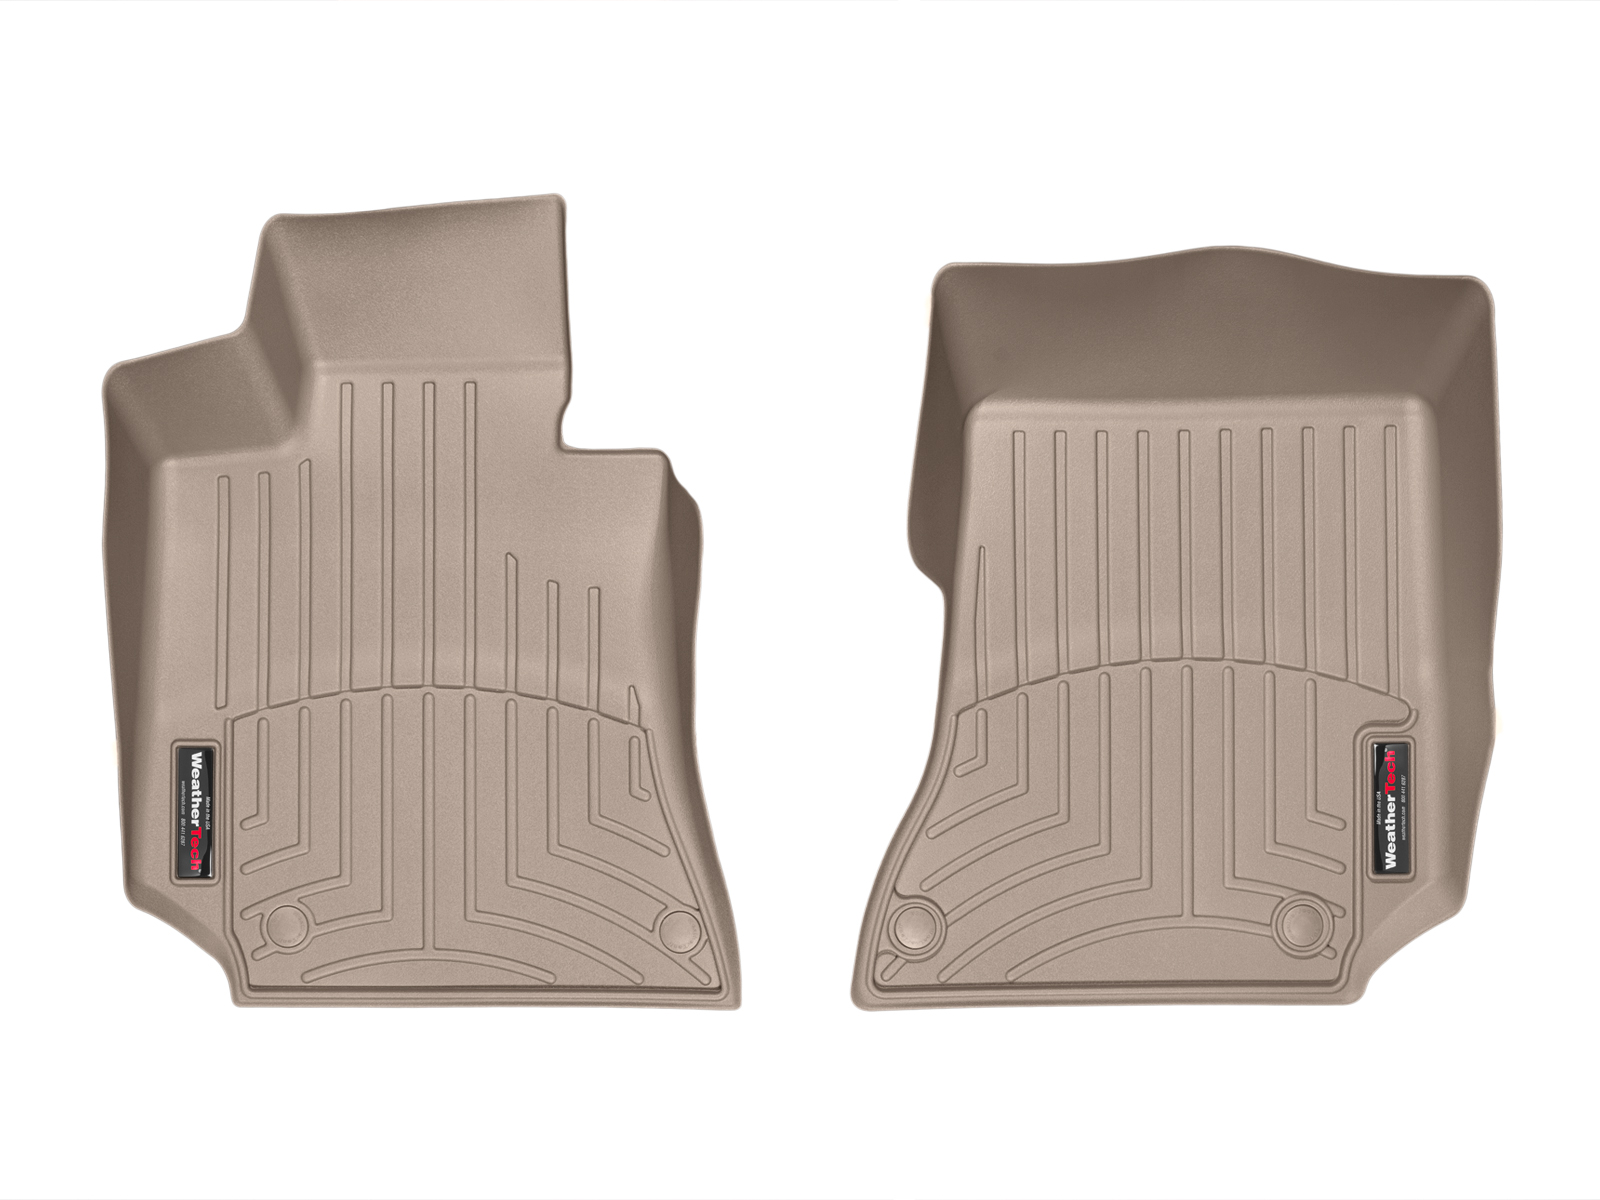 Tappeti gomma su misura bordo alto Mercedes CLS-Class 15>17 Marrone A2342*